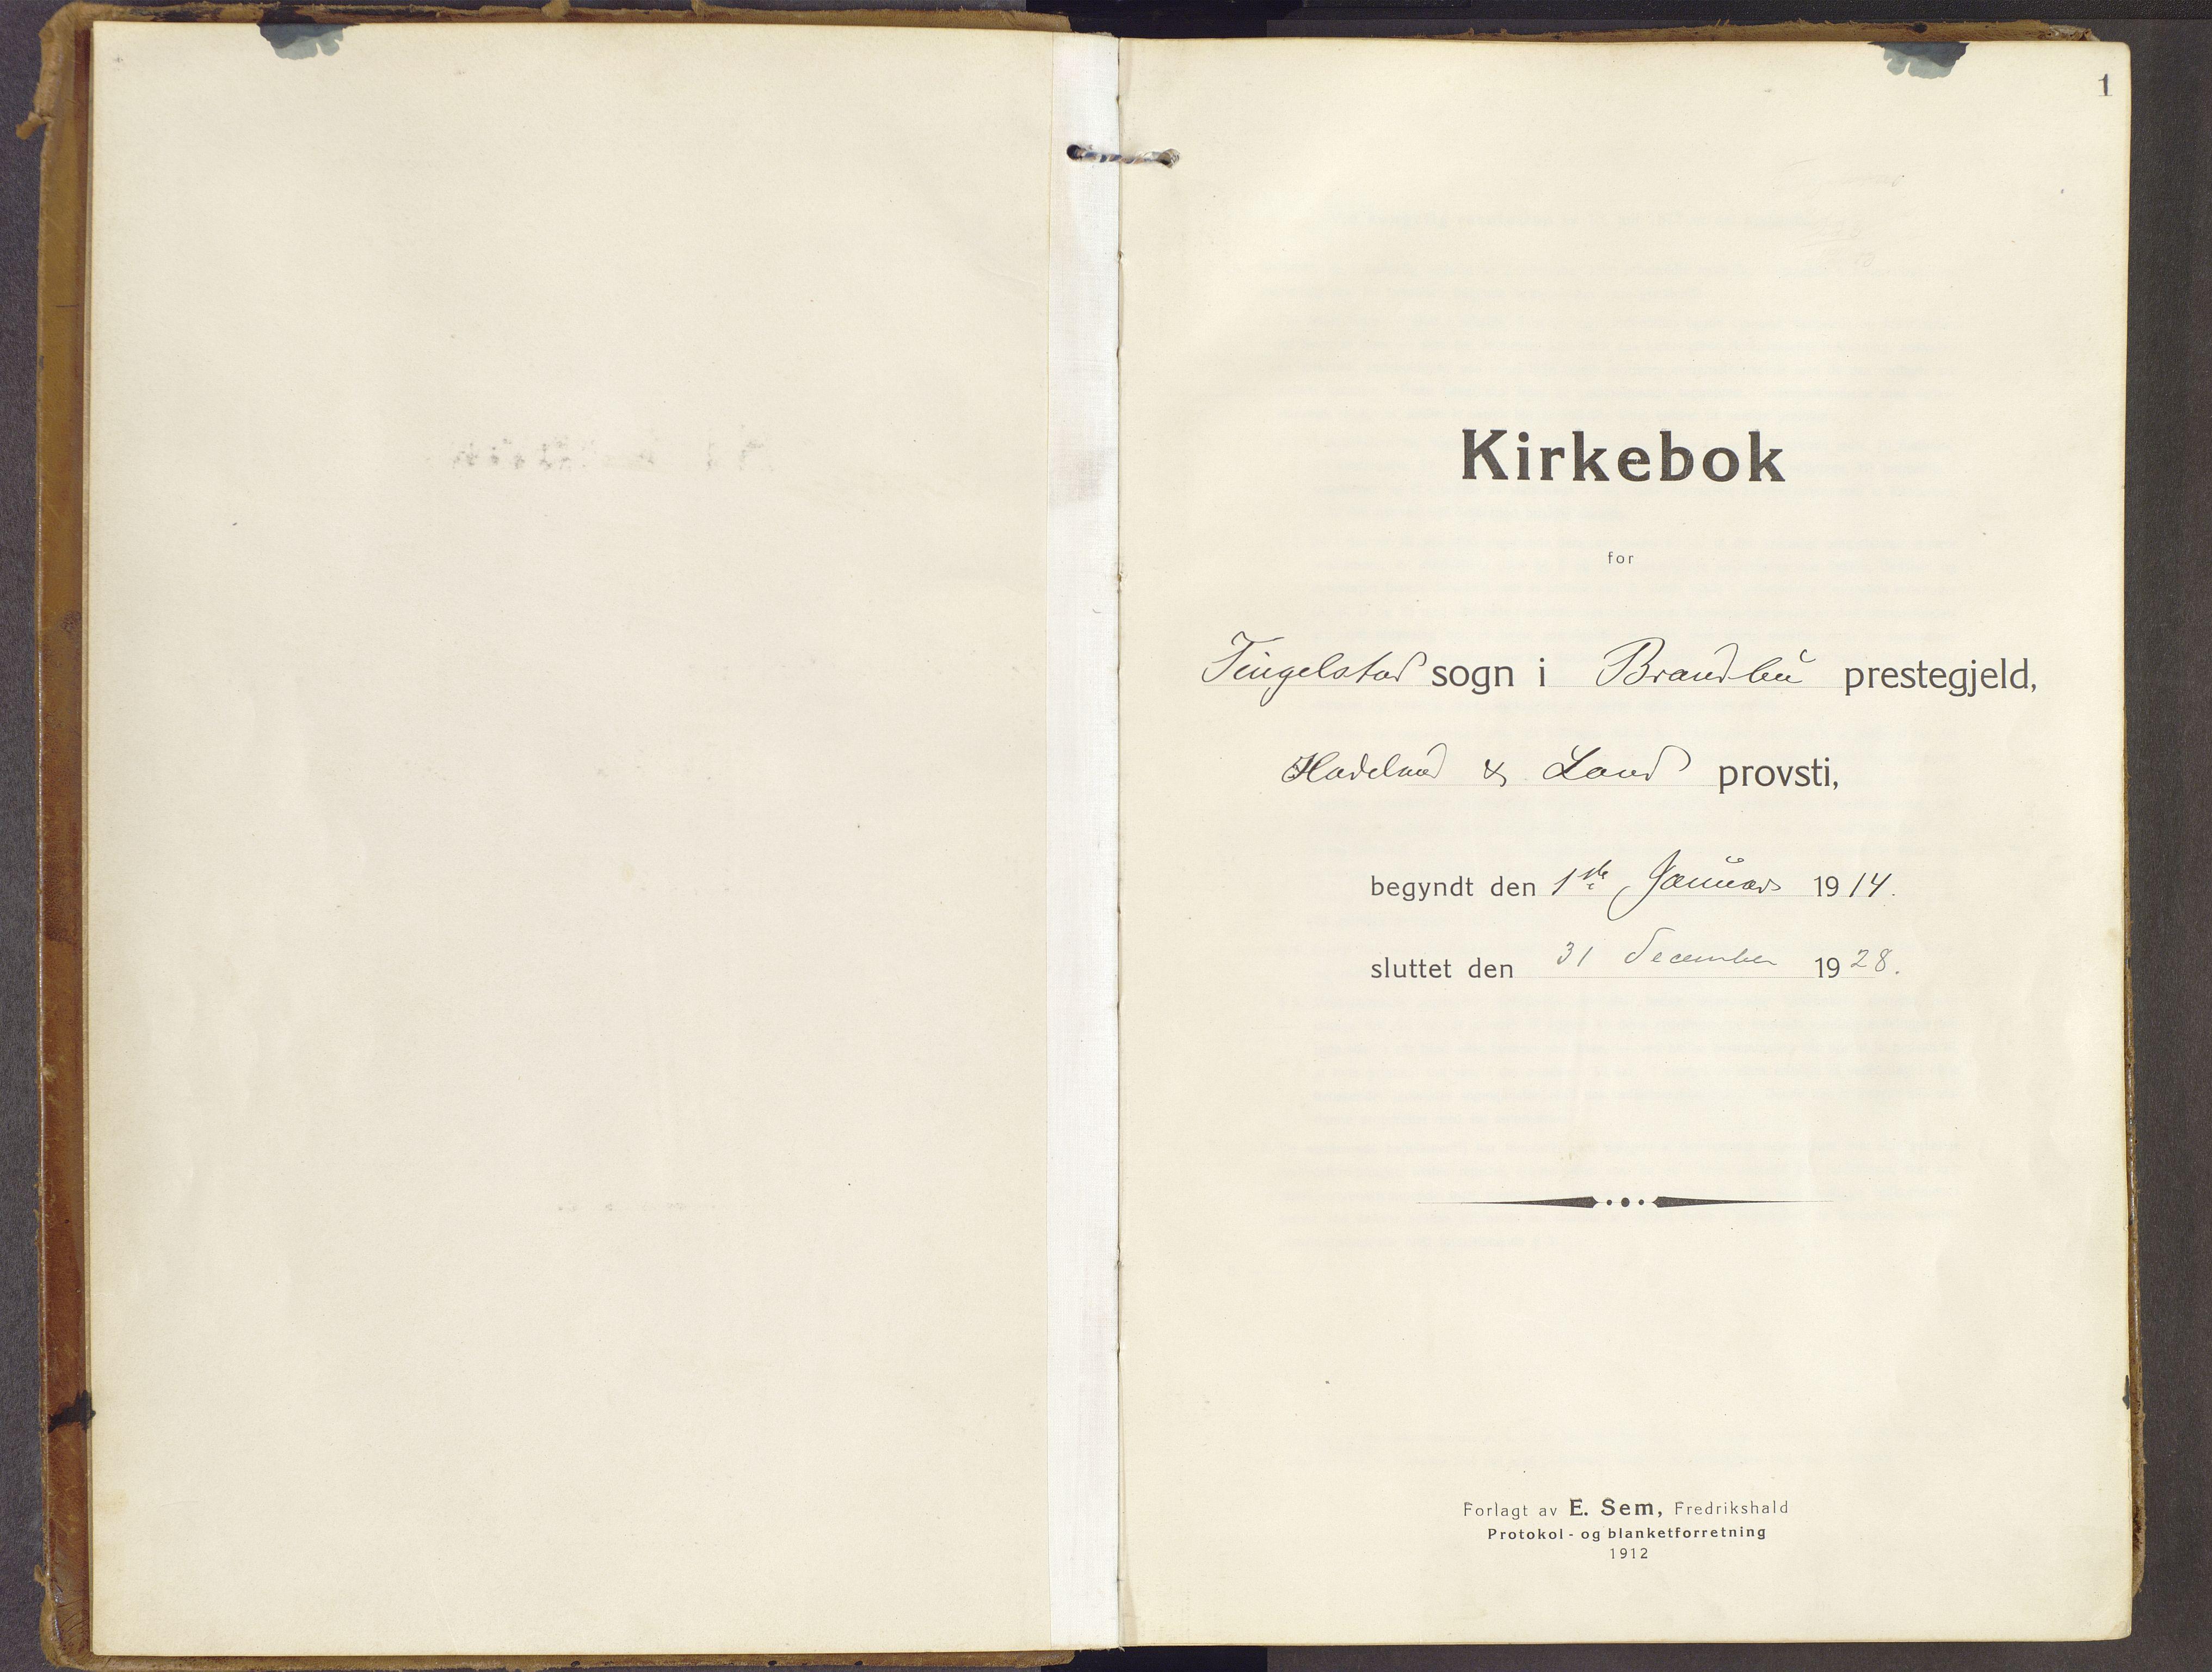 SAH, Brandbu prestekontor, Ministerialbok nr. 3, 1914-1928, s. 1